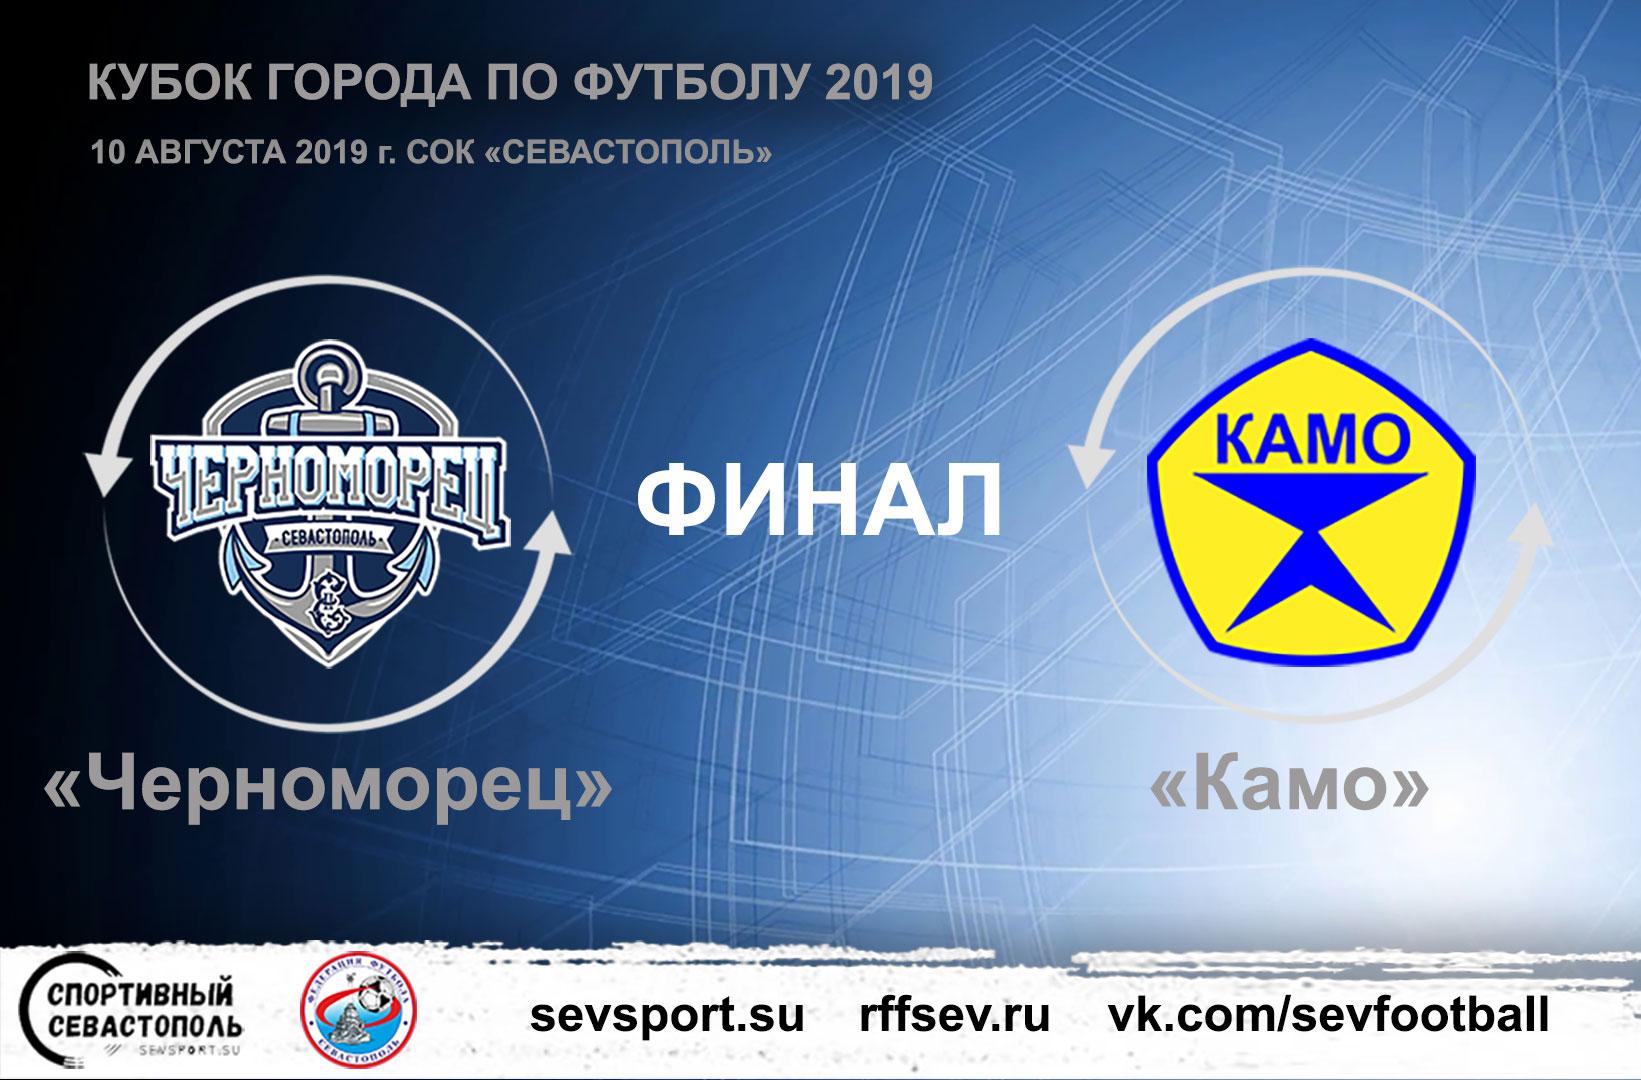 Финальный матч Кубка города по футболу состоится 10 августа